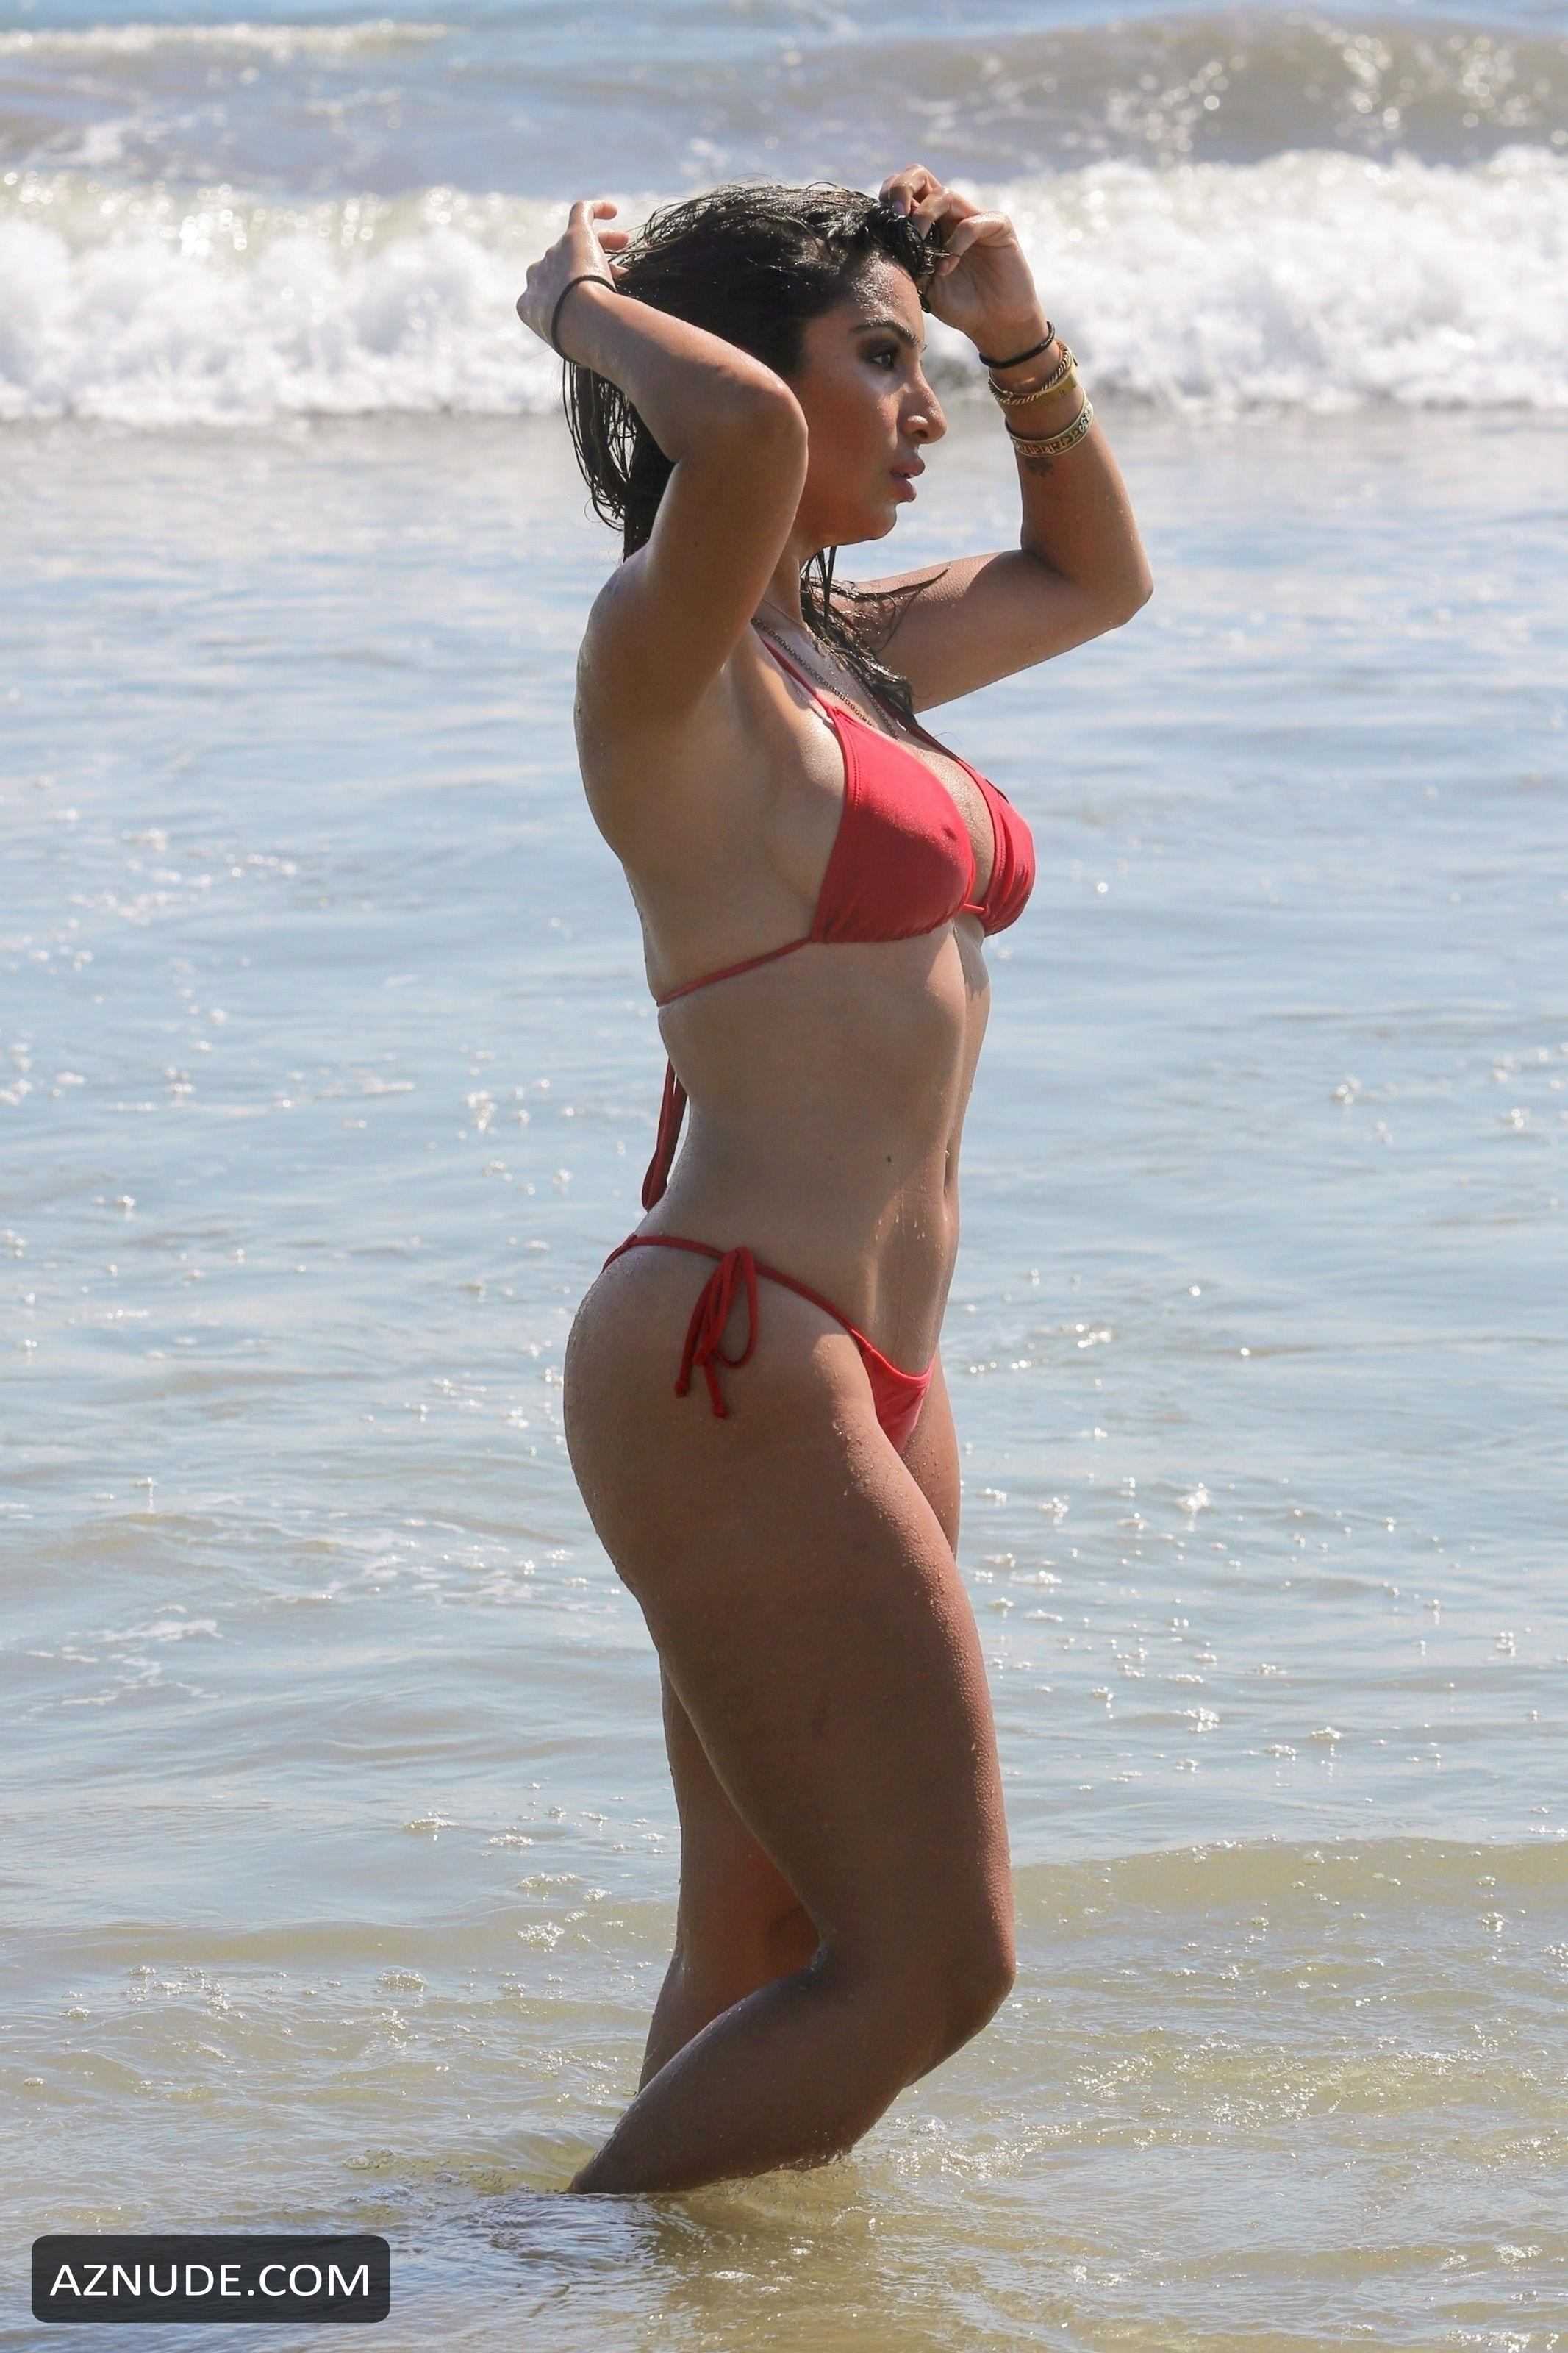 Topic Yes, liana mendoza bikini have not